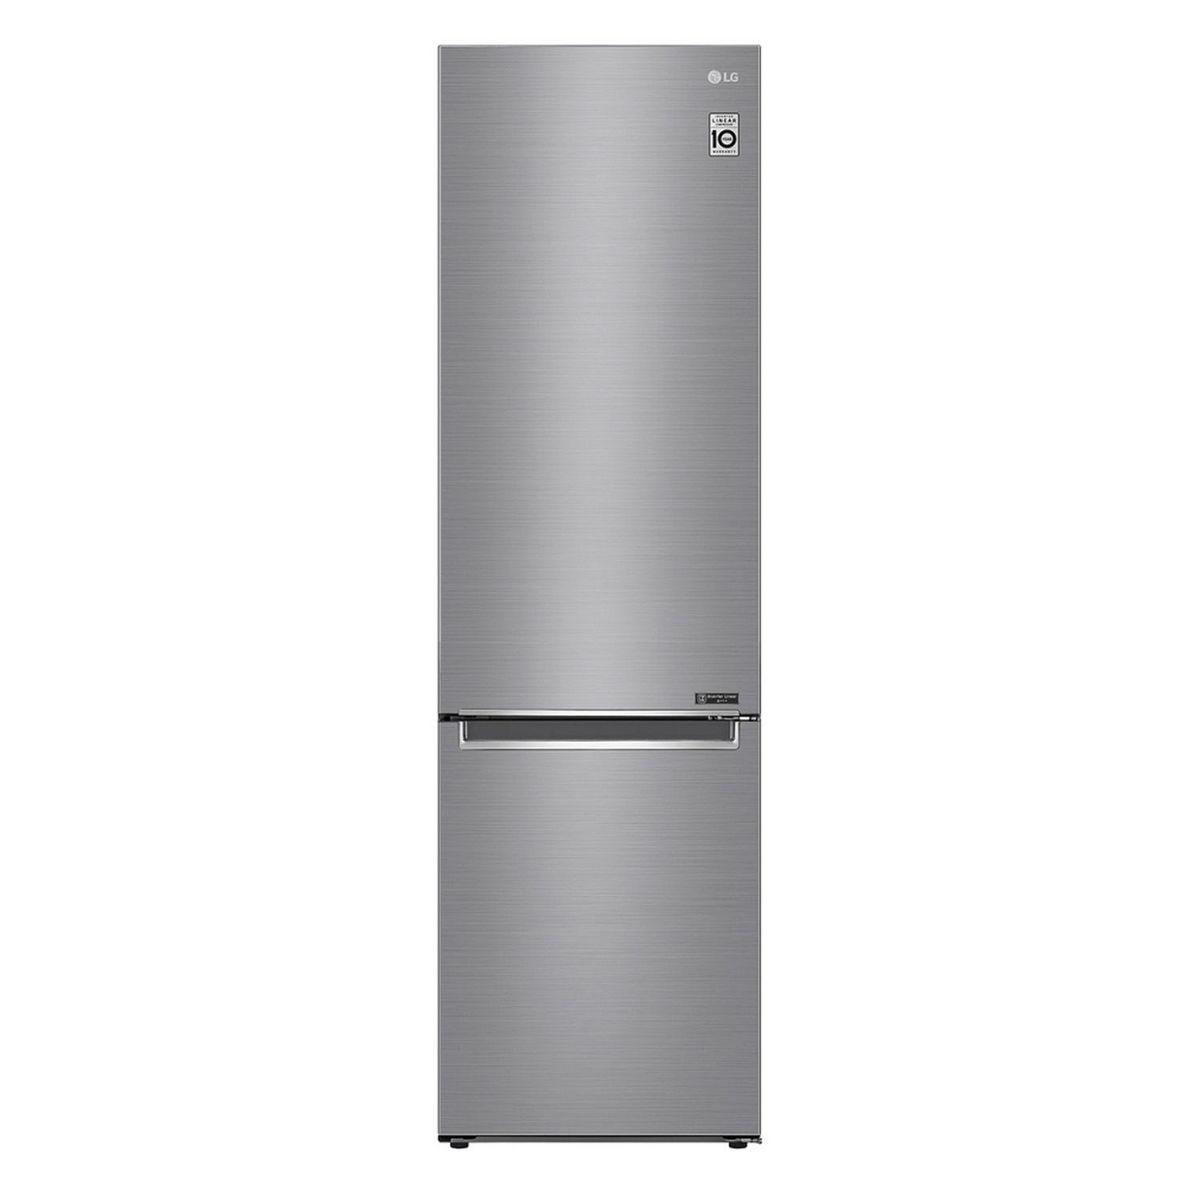 Réfrigérateur combiné GBB62PZGFN, 384 L, Froid ventilé